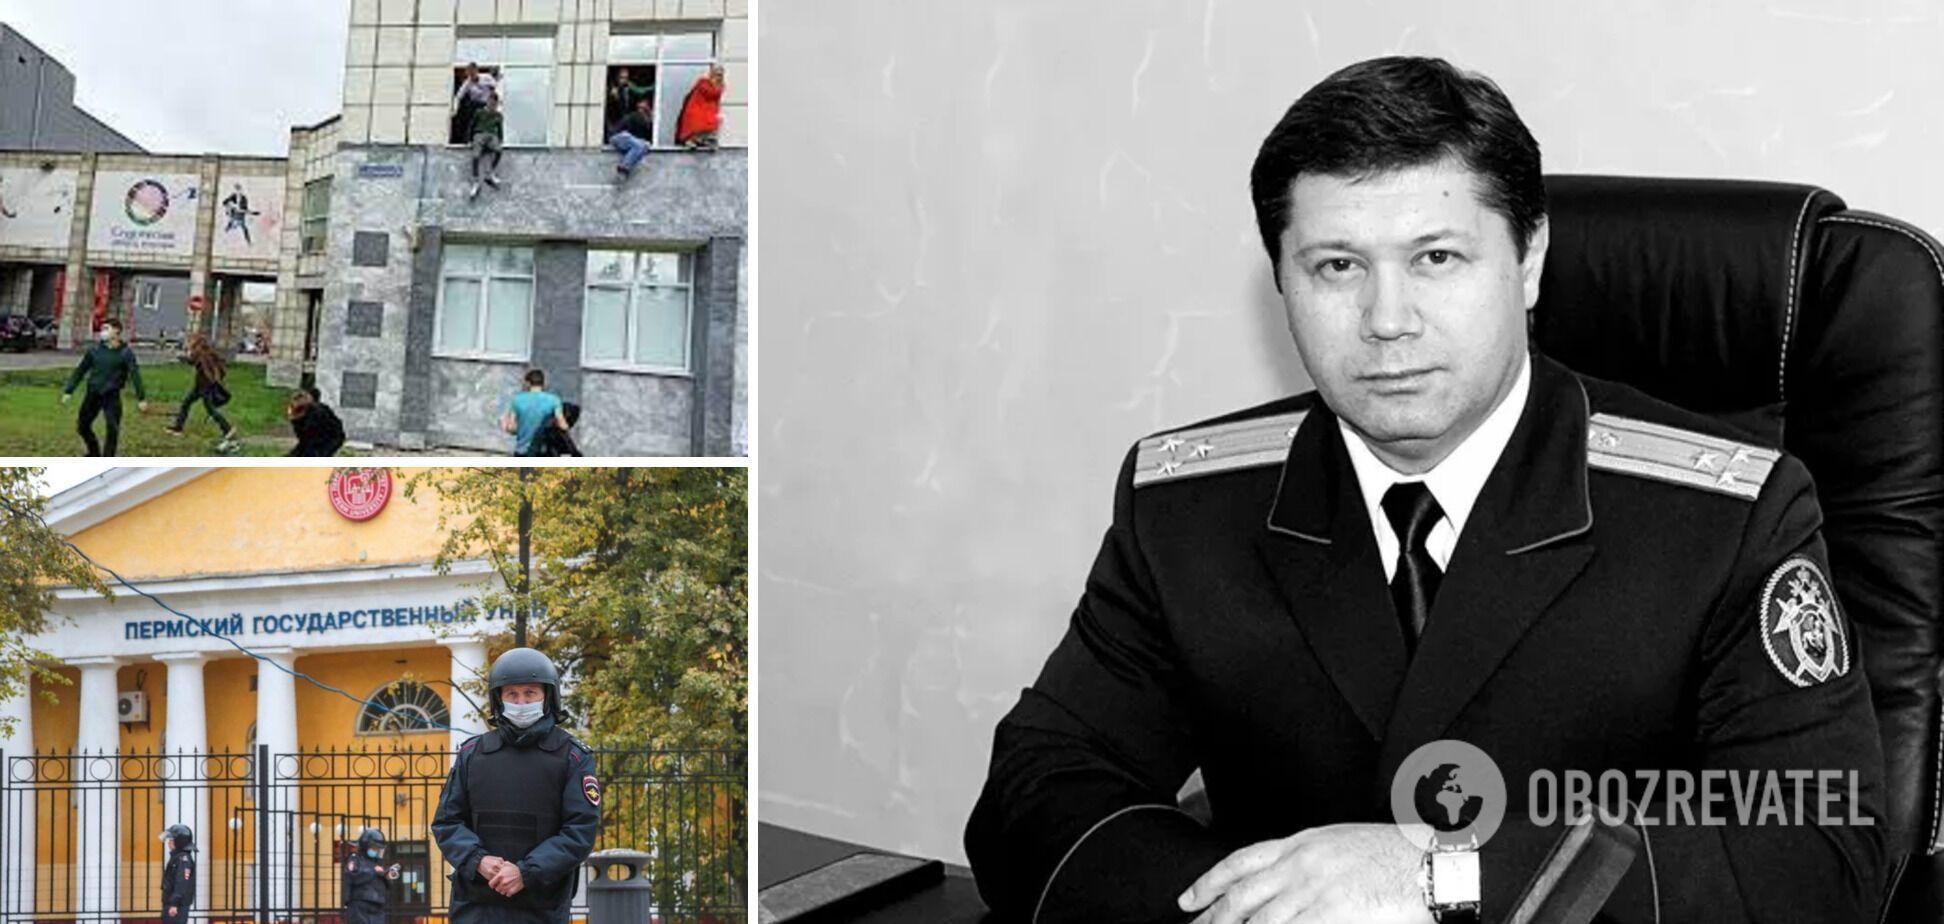 Сарапульцева нашли мертвым в день совещания следователей по атаке на Пермский университет